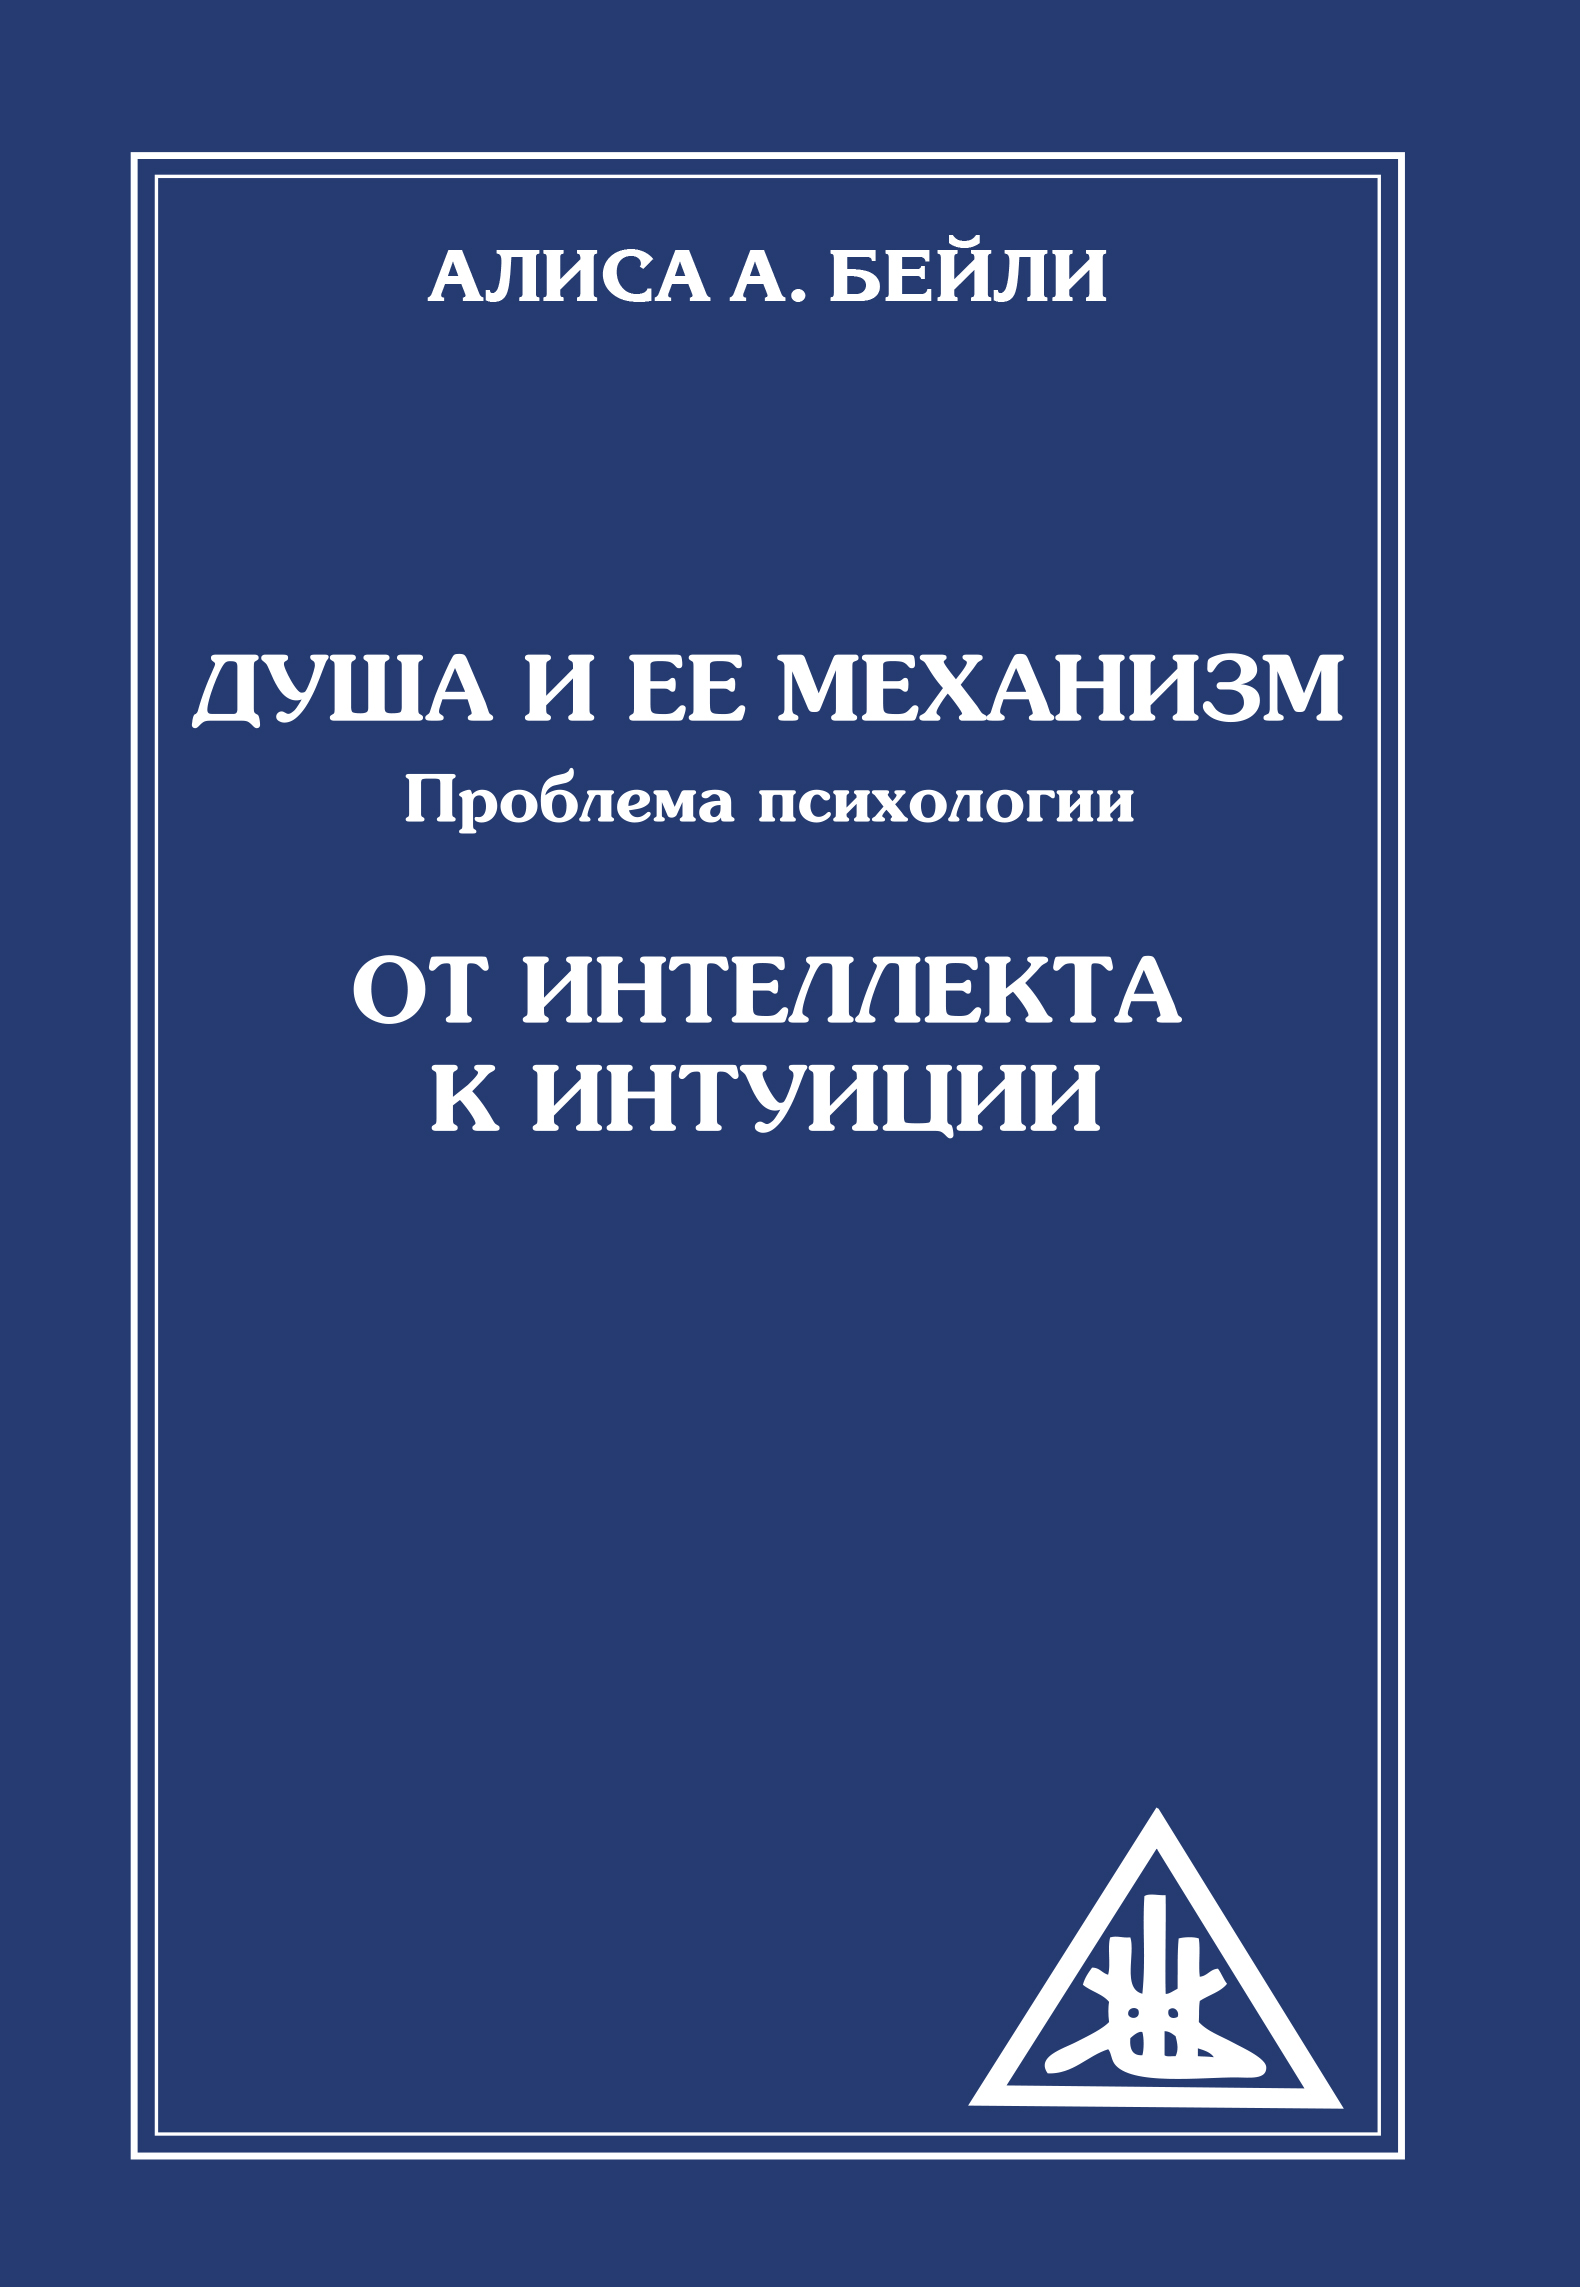 Душа и ее механизм. От интеллекта к интуиции. 2-е изд. (обл)